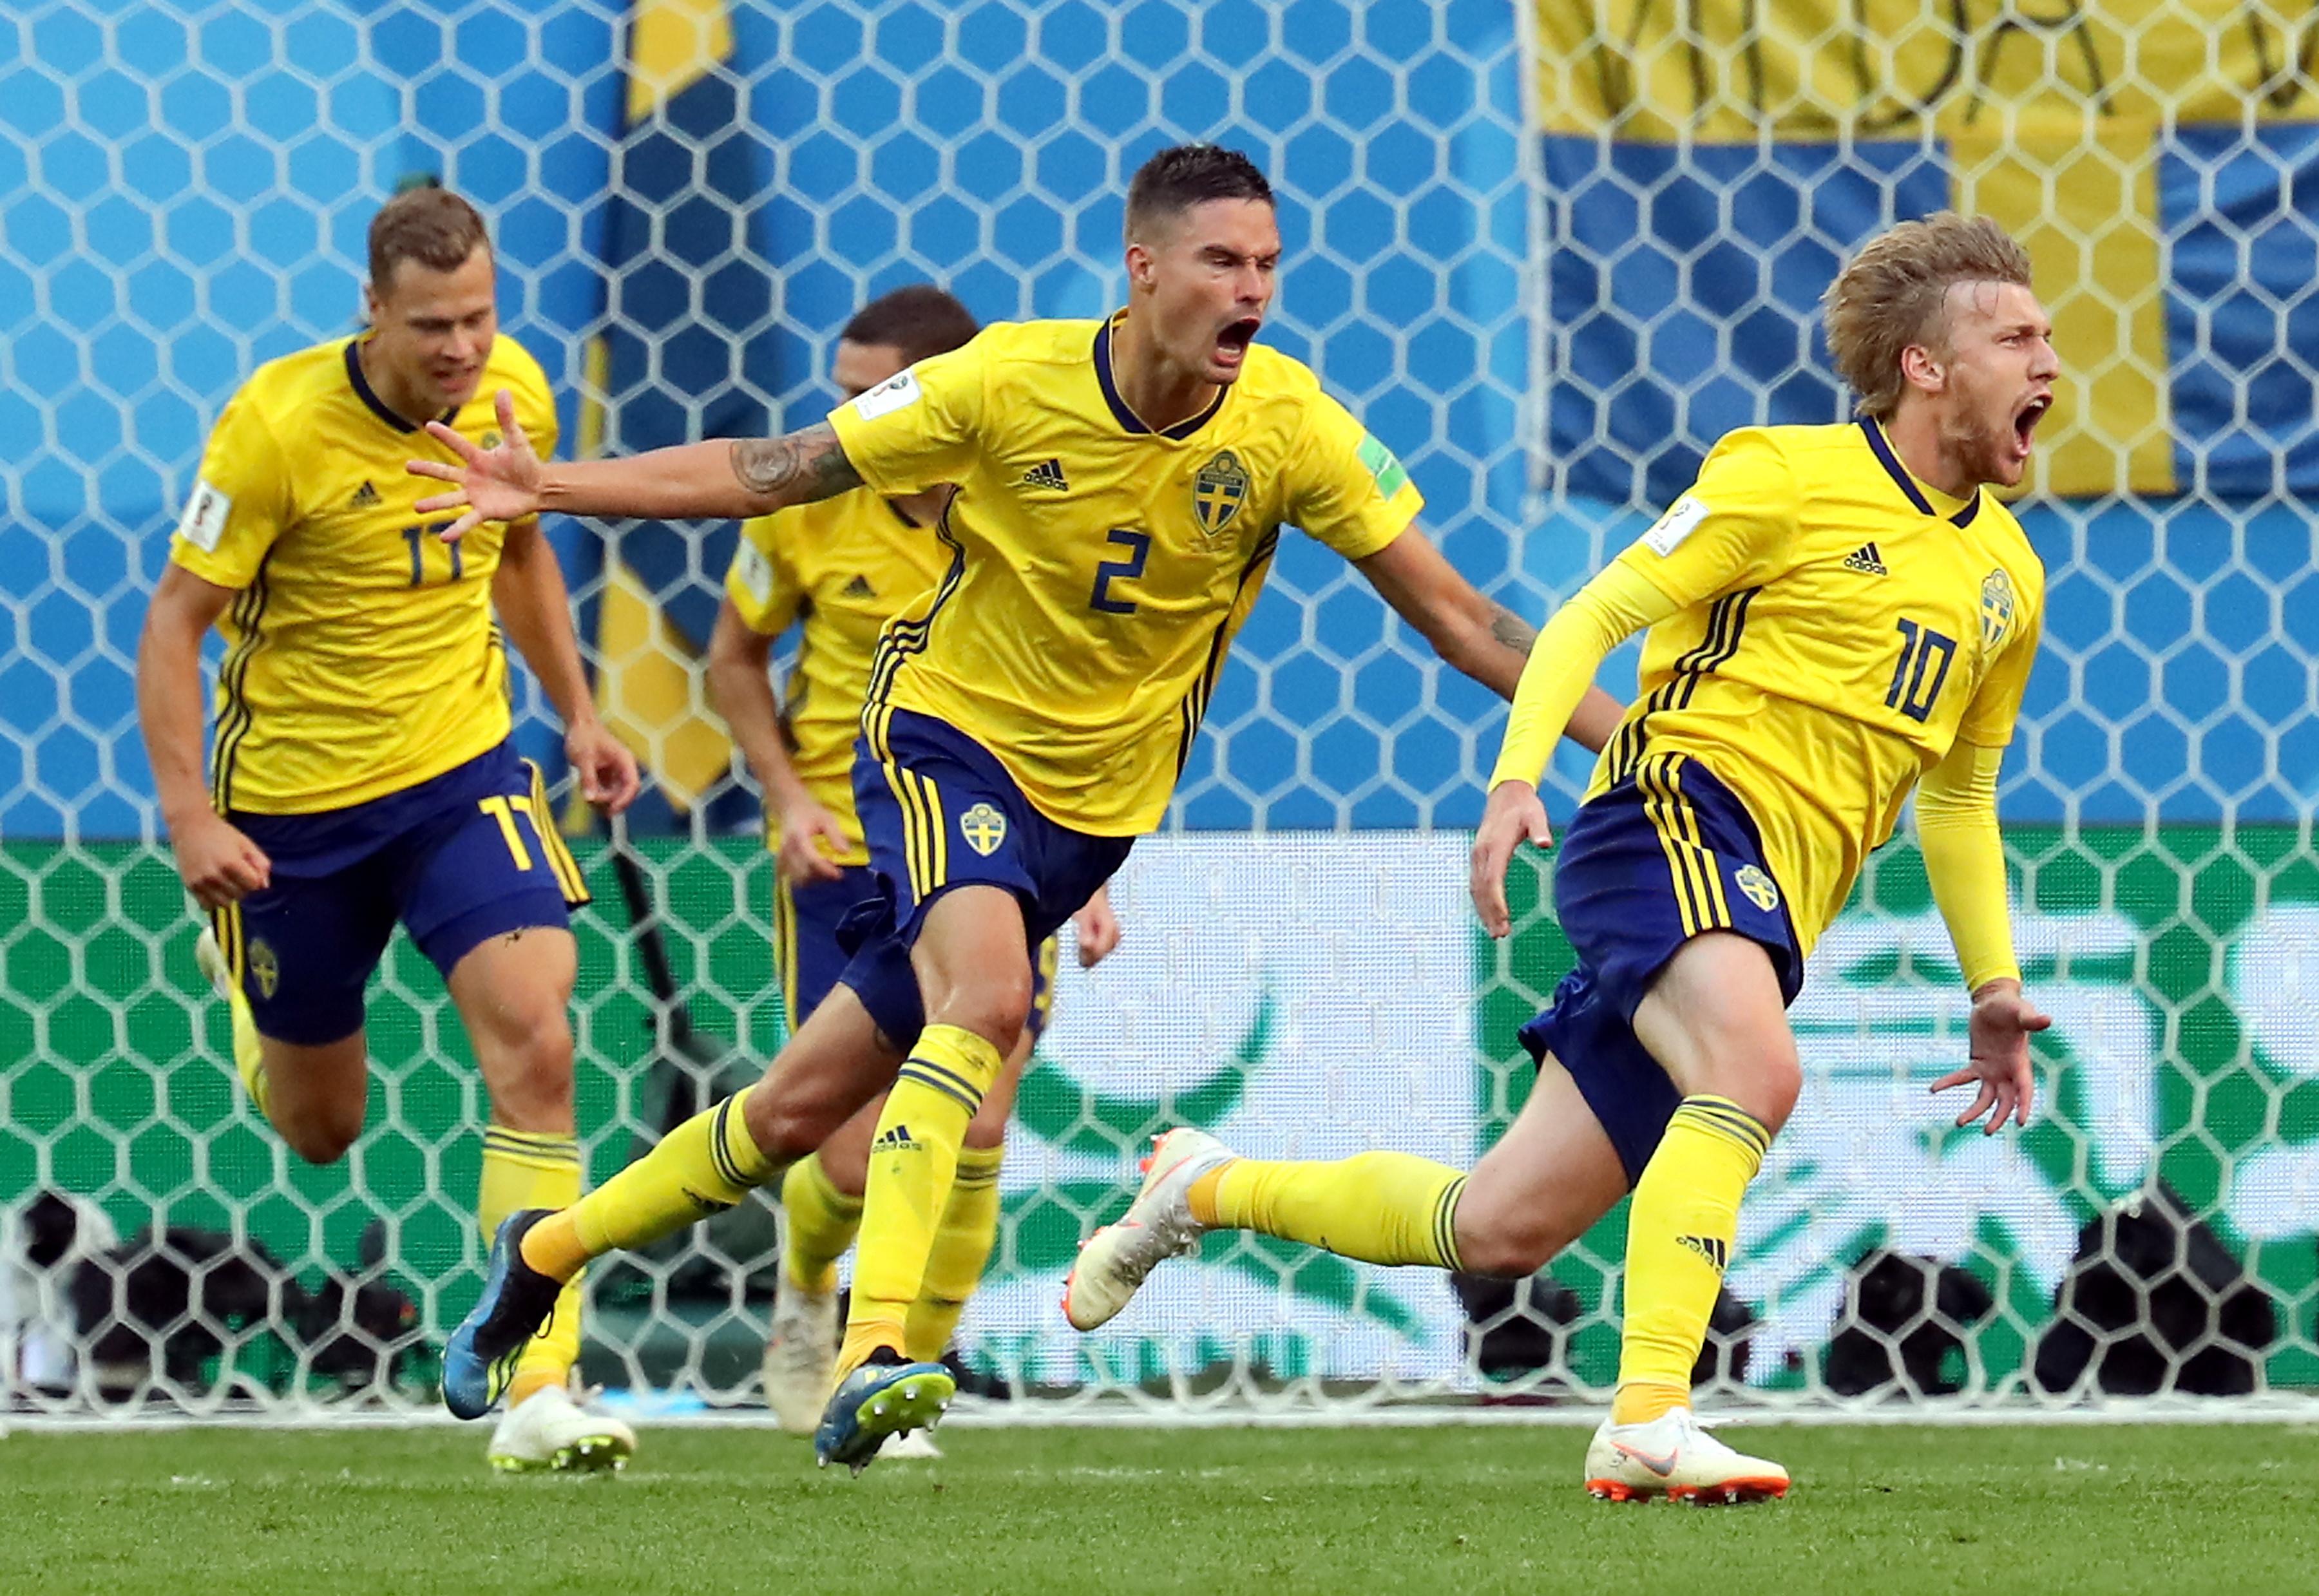 Šveđani zasluženo u četvrtfinalu